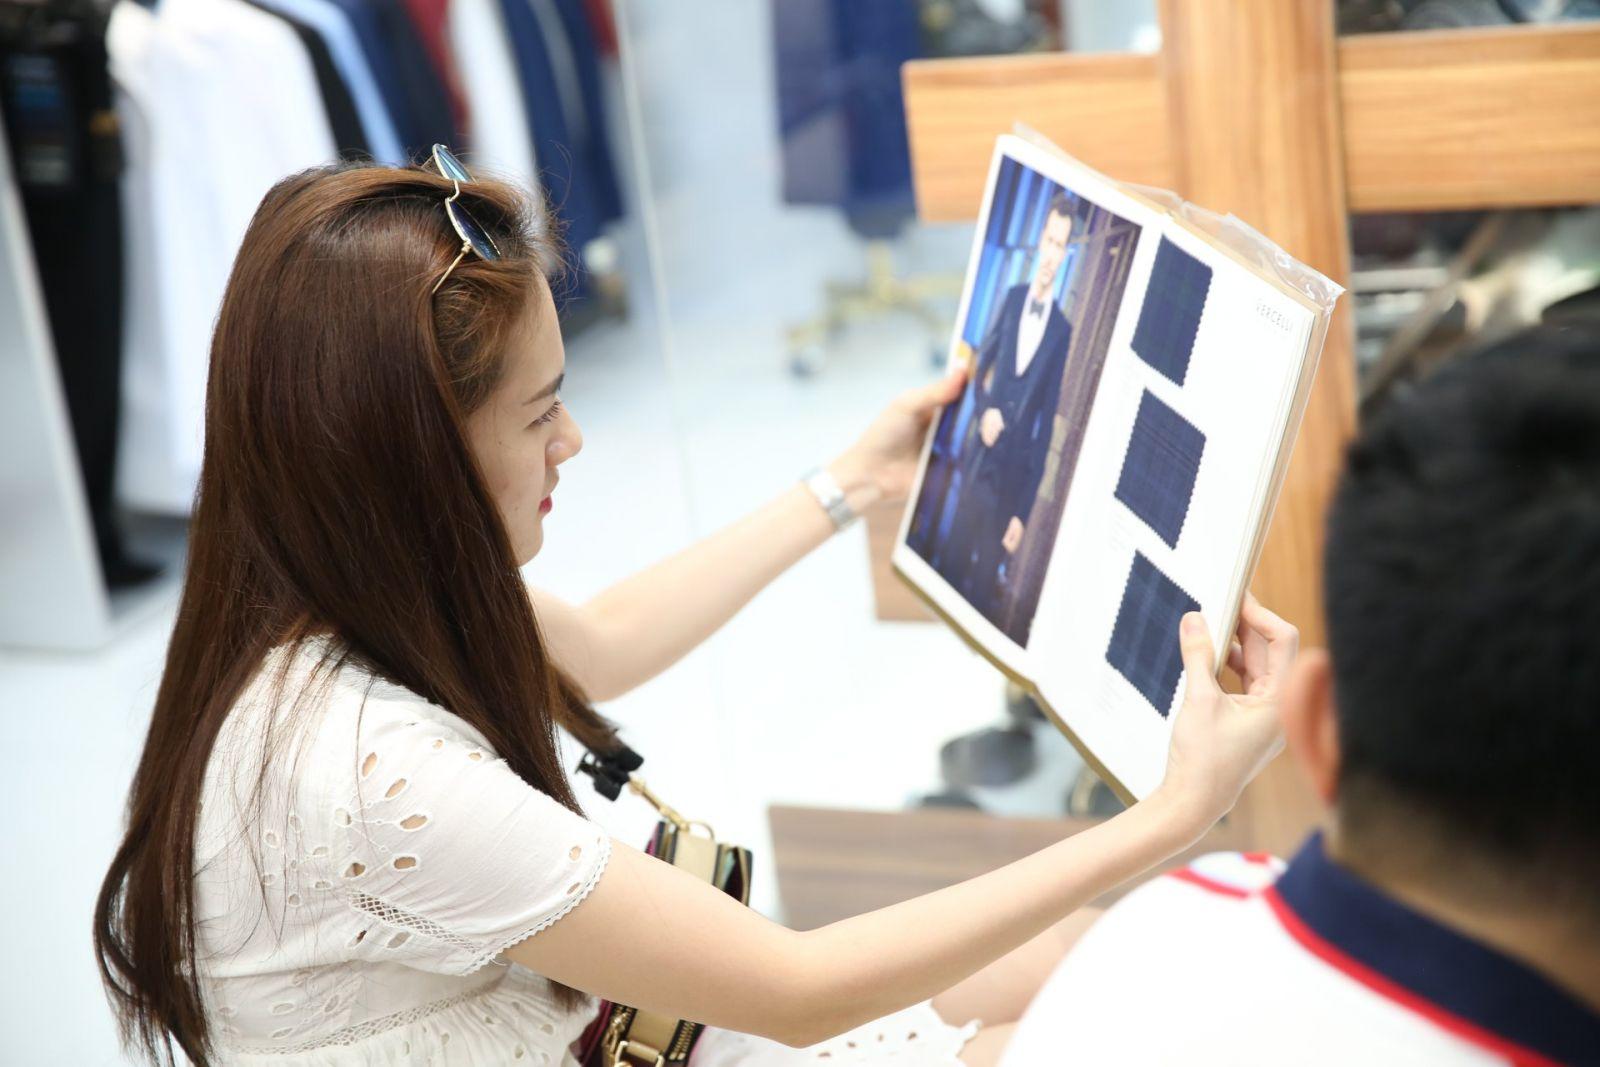 Có nhiều lựa chọn hơn về chất liệu vải may suit nam đẹp luôn là ưu thế lớn cho khách hàng khi mua sắm.